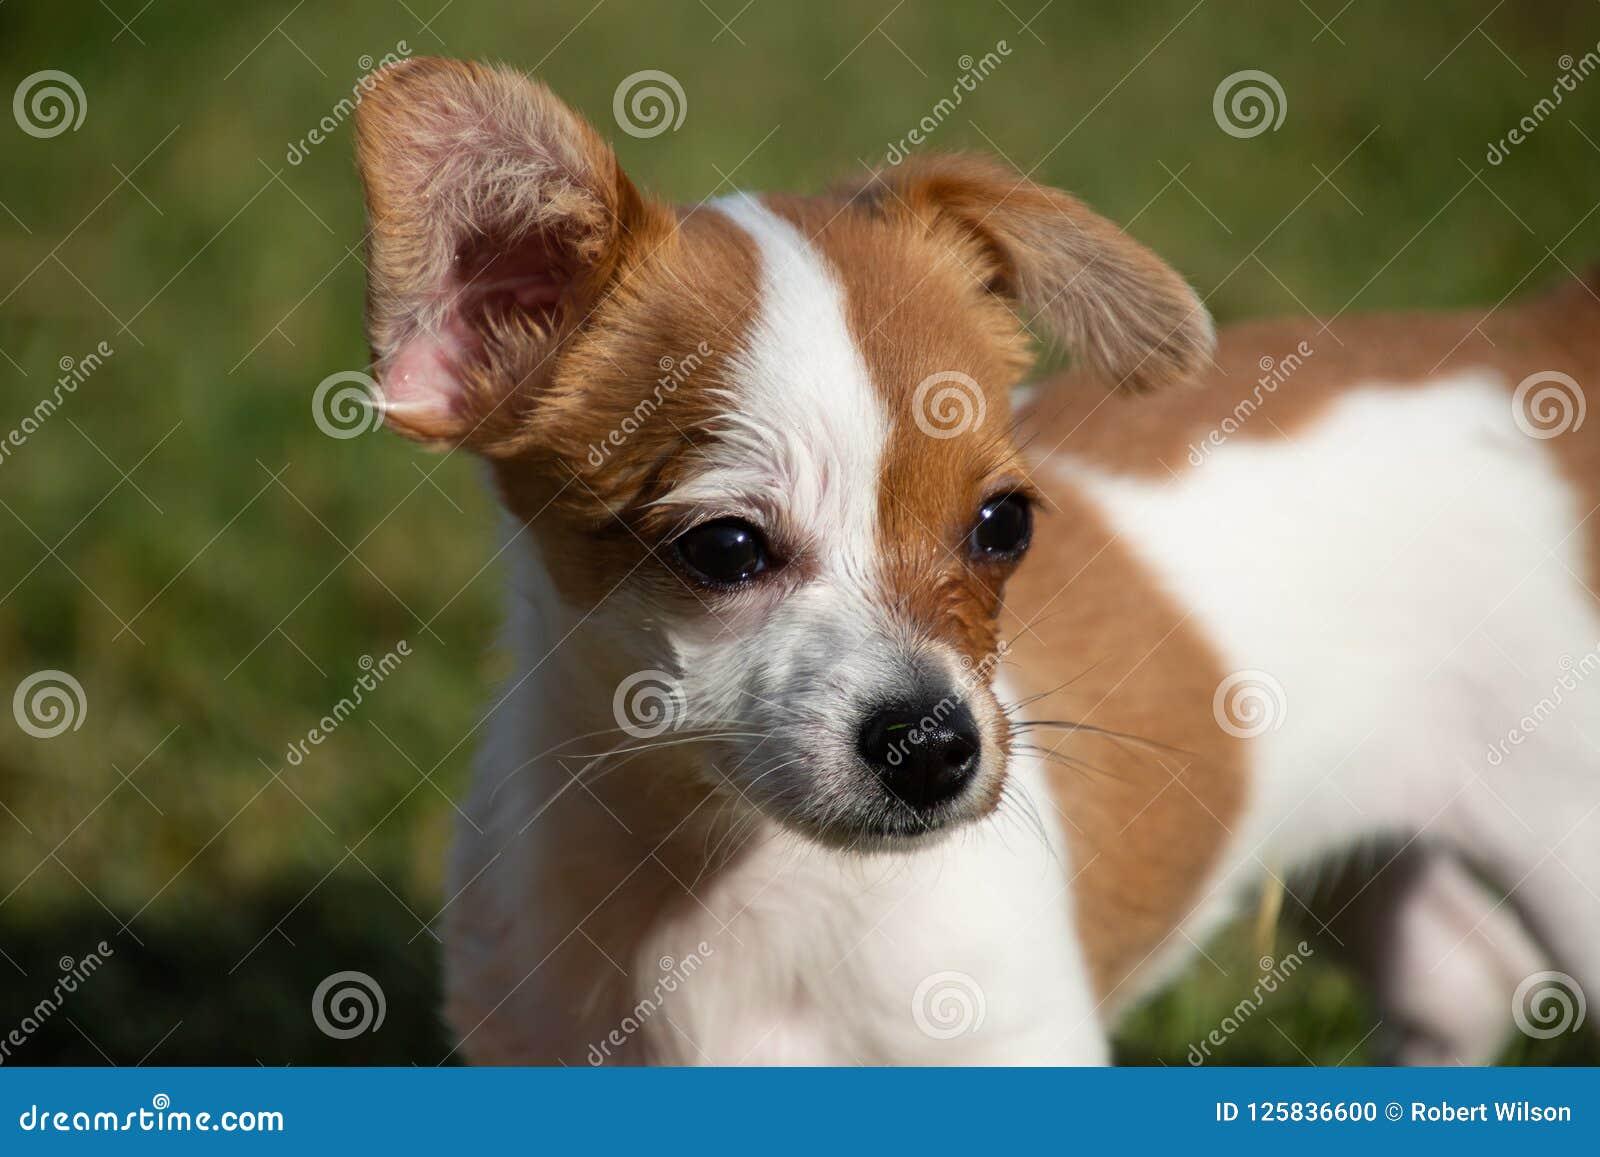 Un chien minuscule avec une oreille haute et une d oreille vers le bas